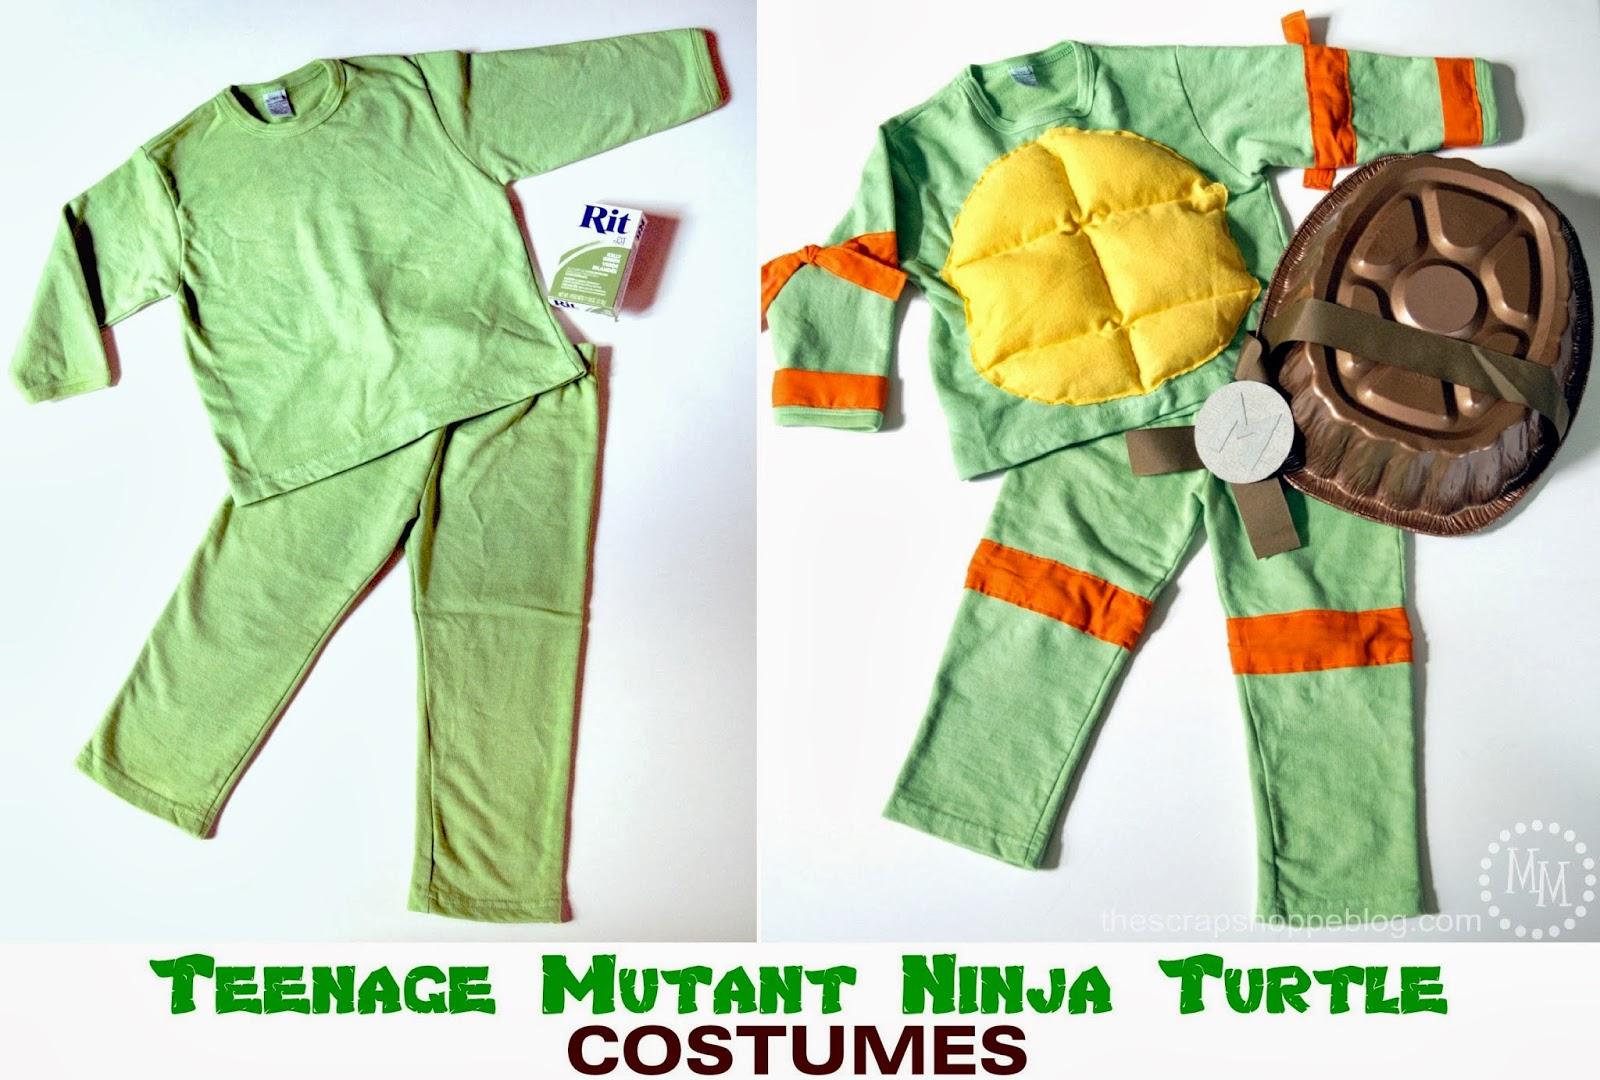 Teenage Mutant Ninja Turtle Costumes (TMNT)  sc 1 st  The Scrap Shoppe & Teenage Mutant Ninja Turtle Costumes (TMNT) - The Scrap Shoppe